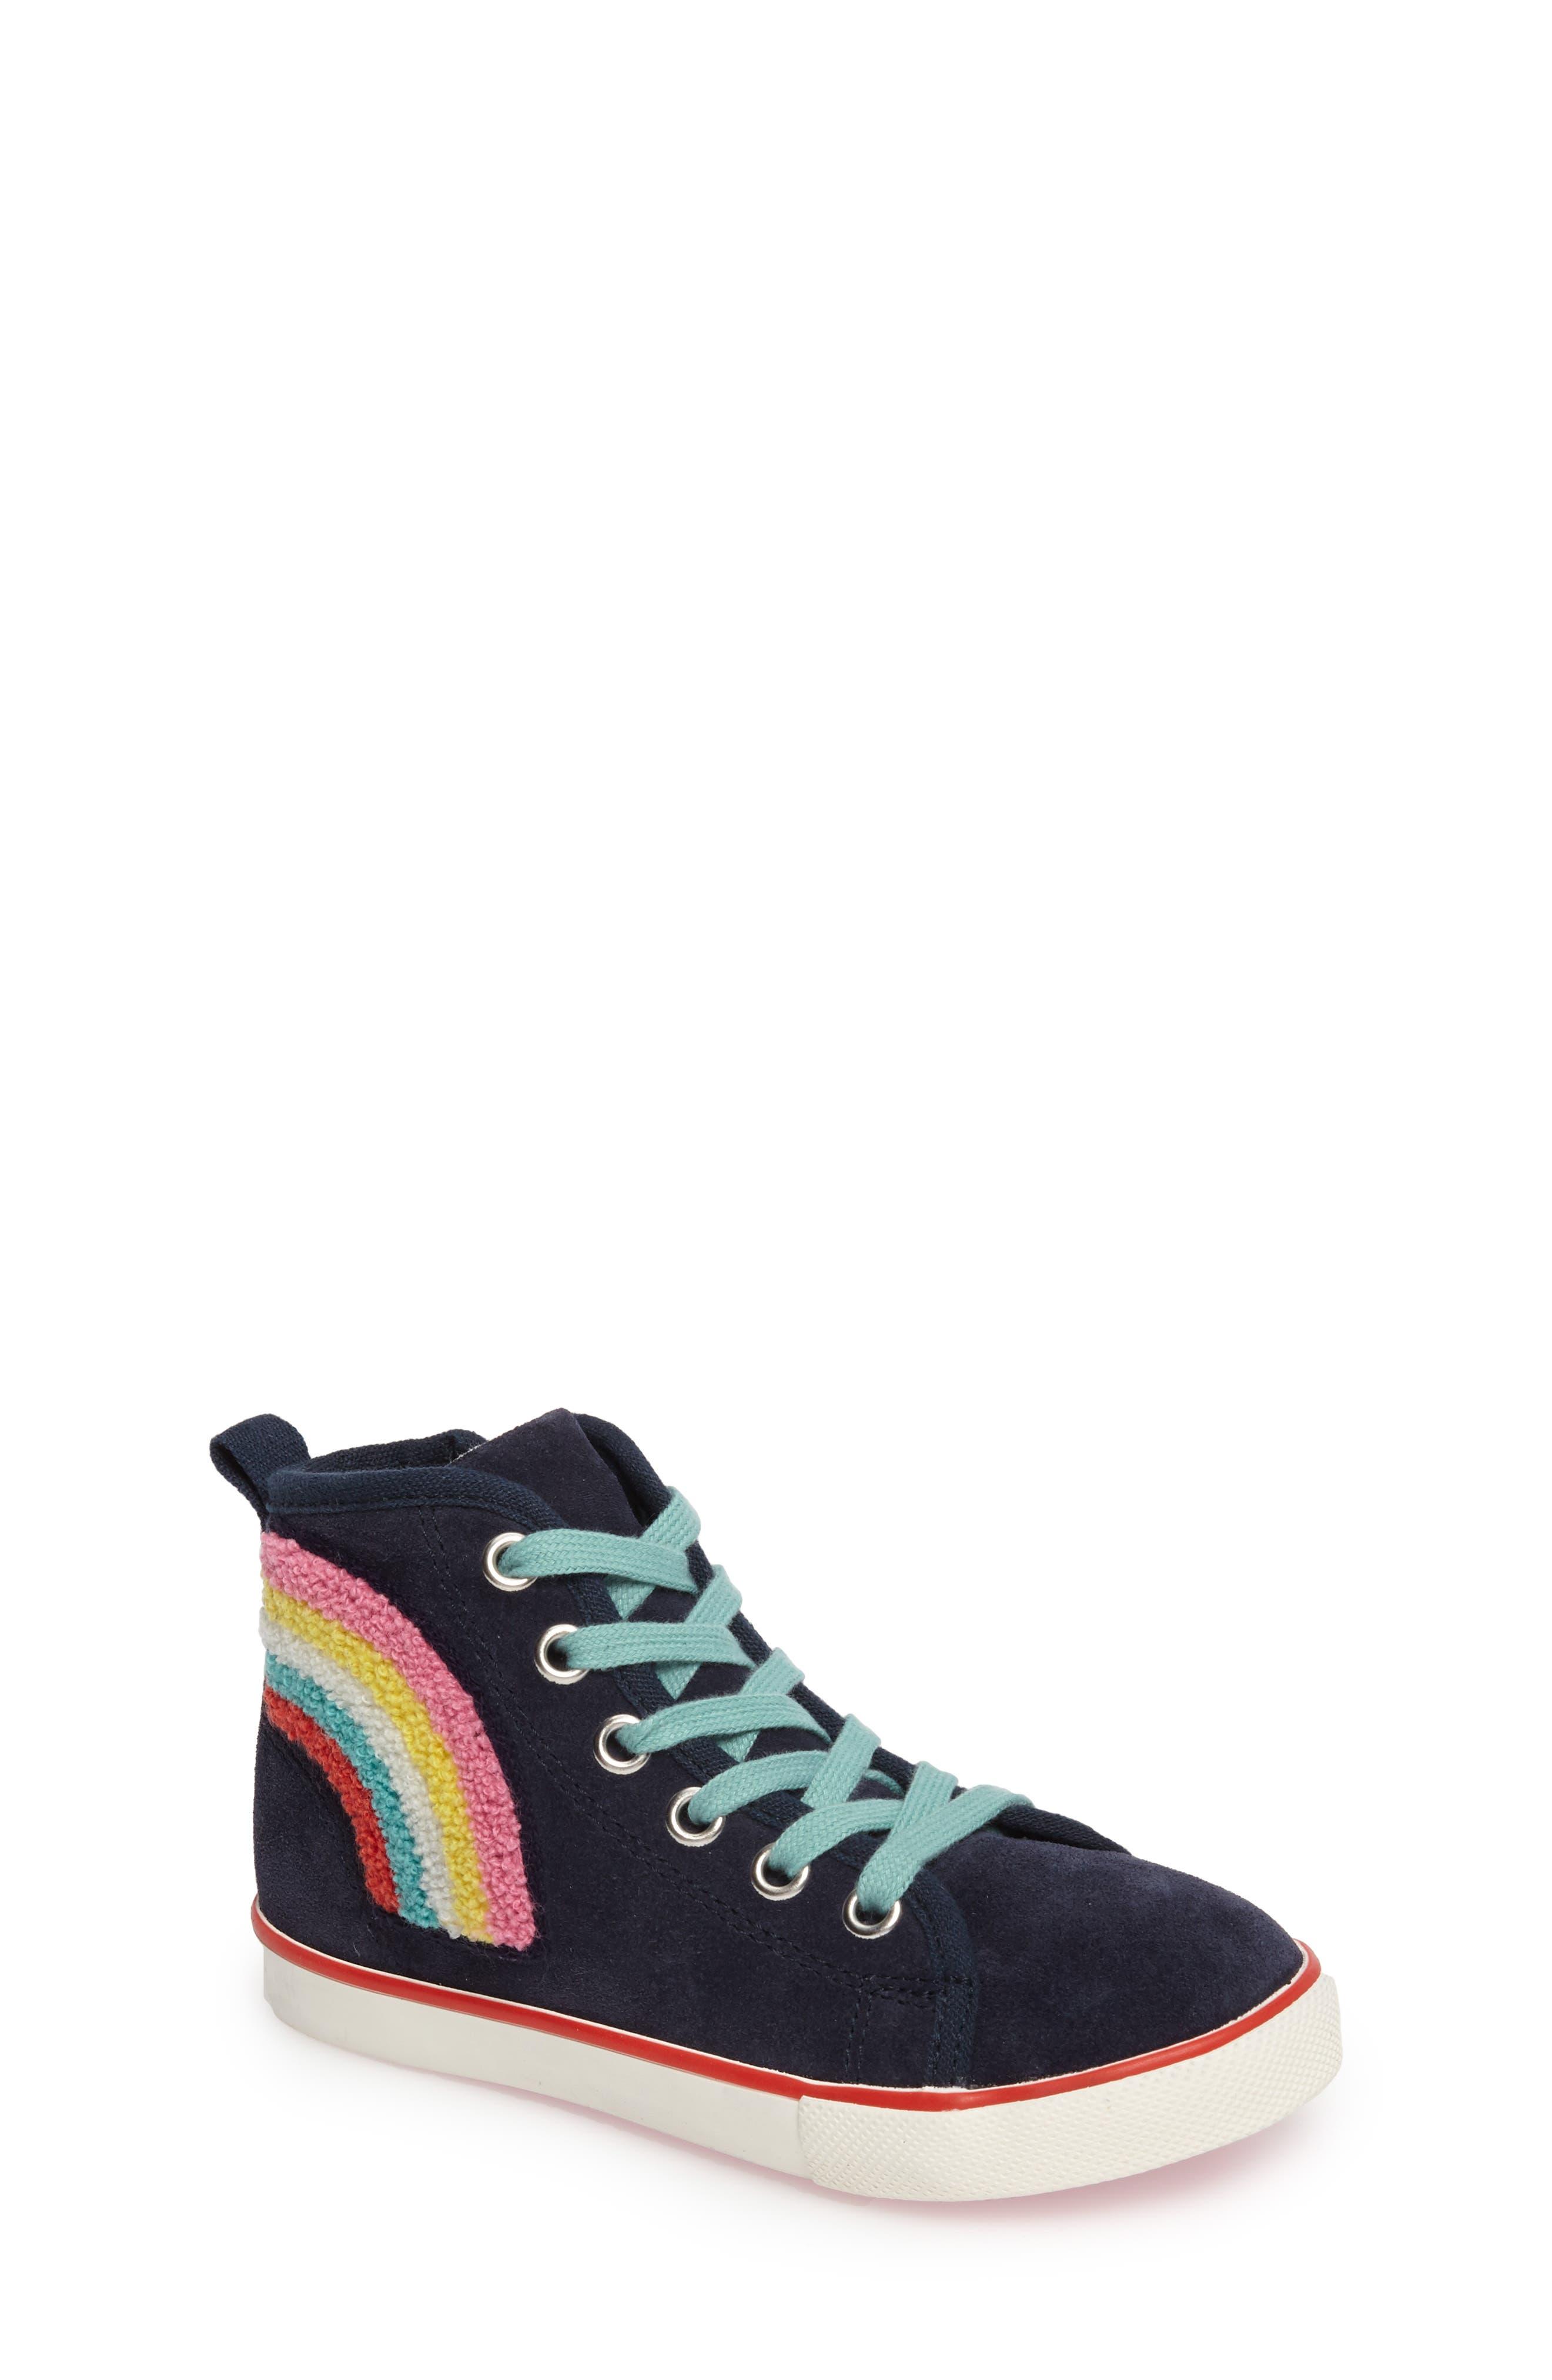 Main Image - Mini Boden Embellished High Top Sneaker (Toddler, Little Kid & Big Kid)